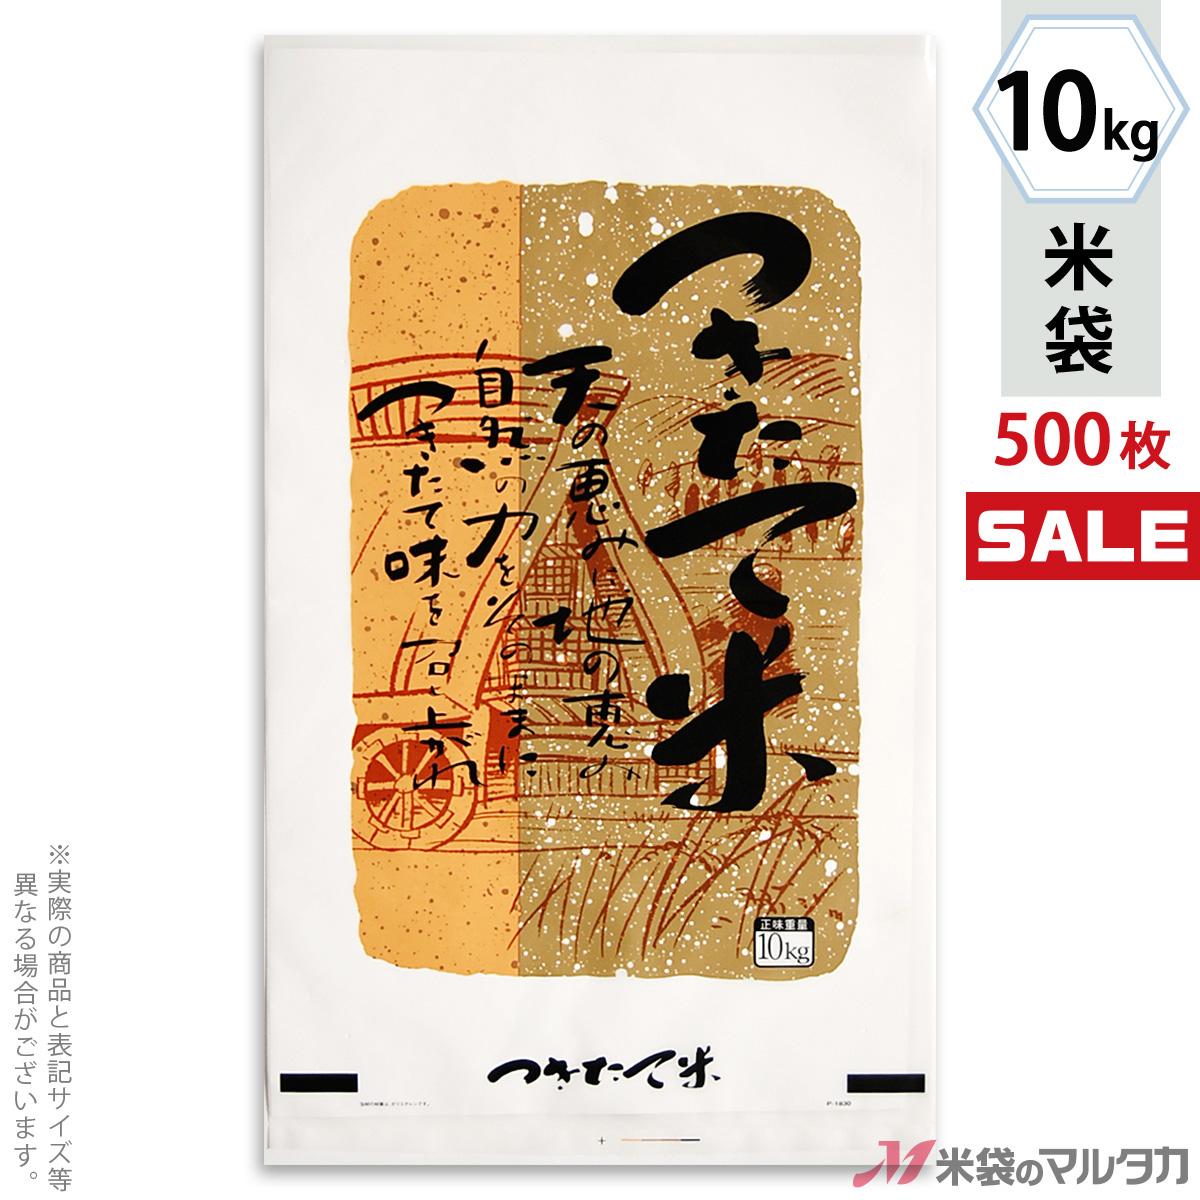 <キャンペーン対応>米袋 ポリ乳白 ふる里 つきたて米 10kg 1ケース(500枚入) P-01830